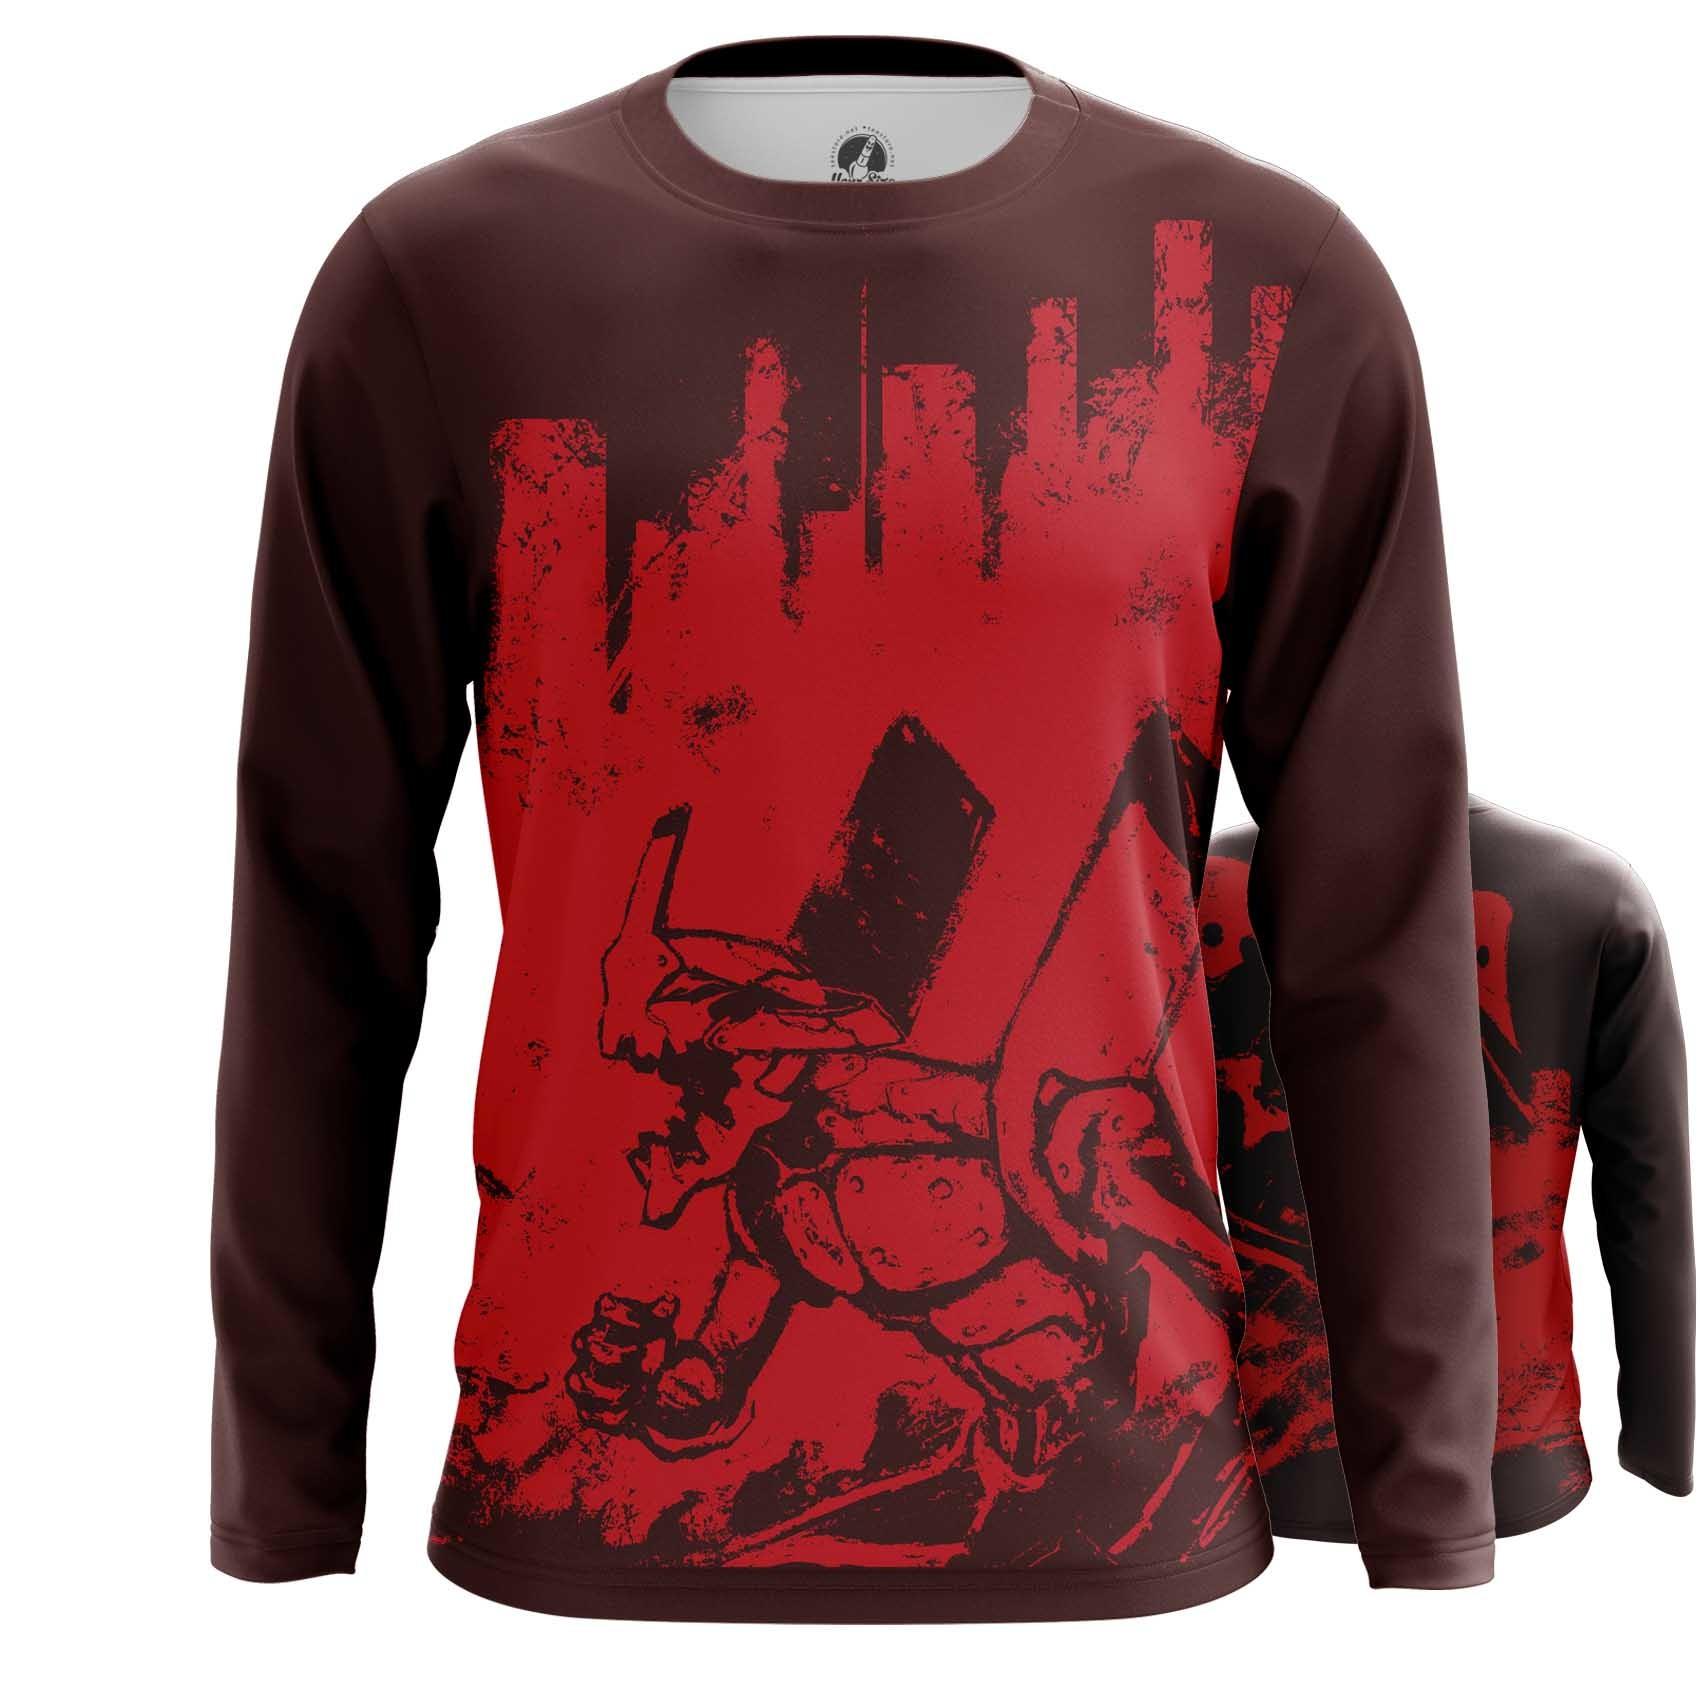 Merchandise T-Shirt Eva Neon Genesis Evangelion Props